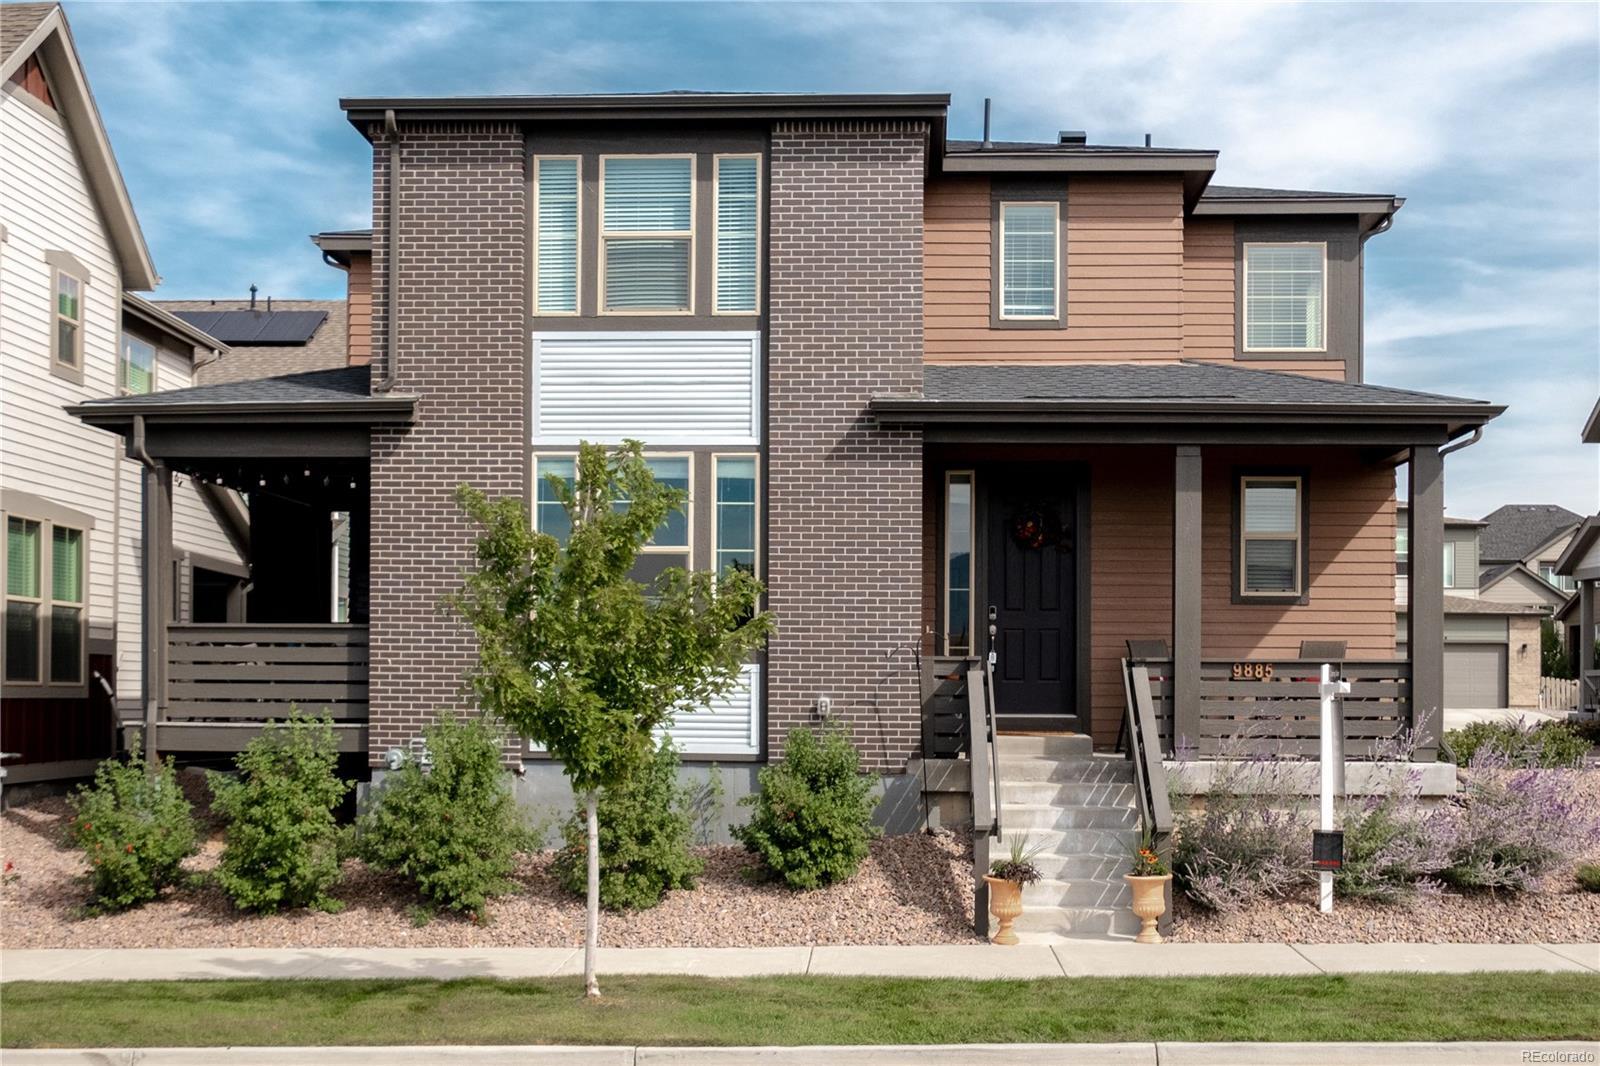 9885 Geneva Creek Lane, Littleton, CO 80125 - Littleton, CO real estate listing